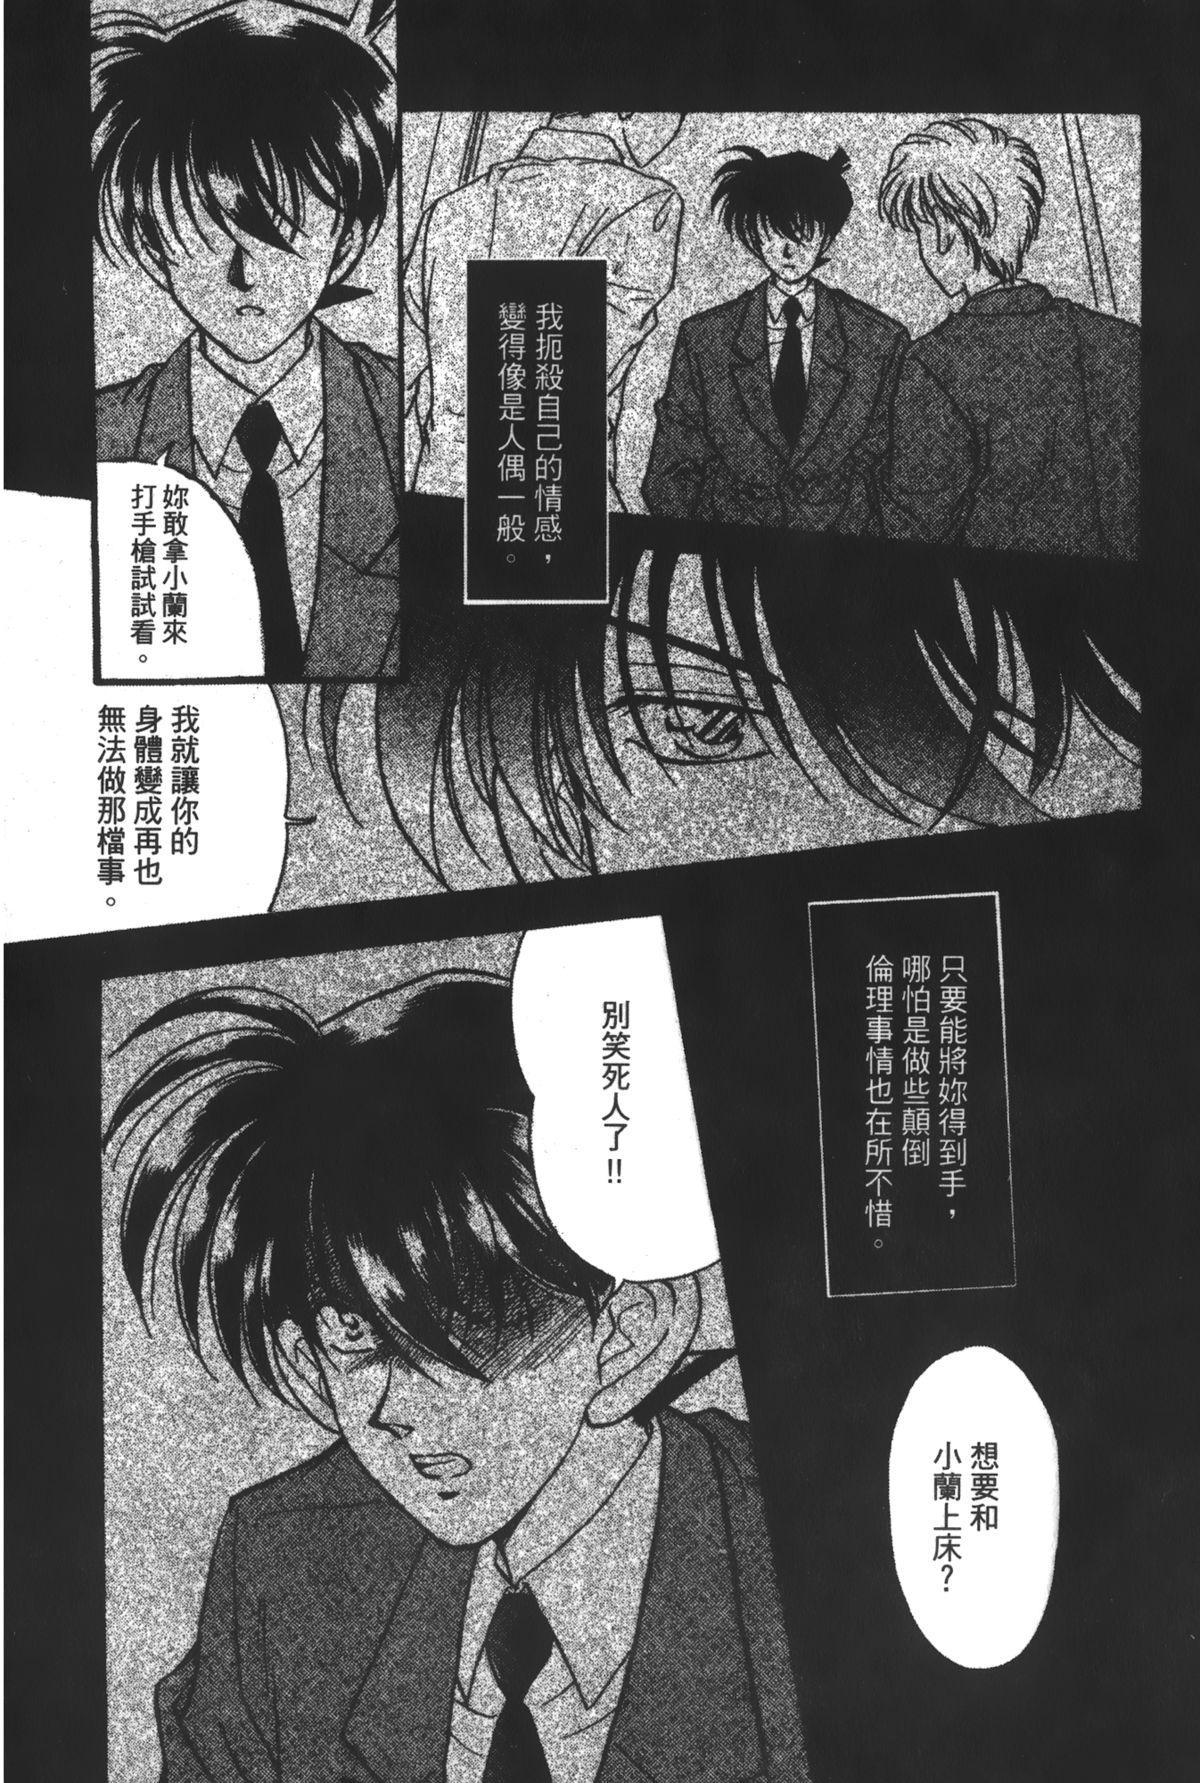 Detective Assistant Vol. 14 76